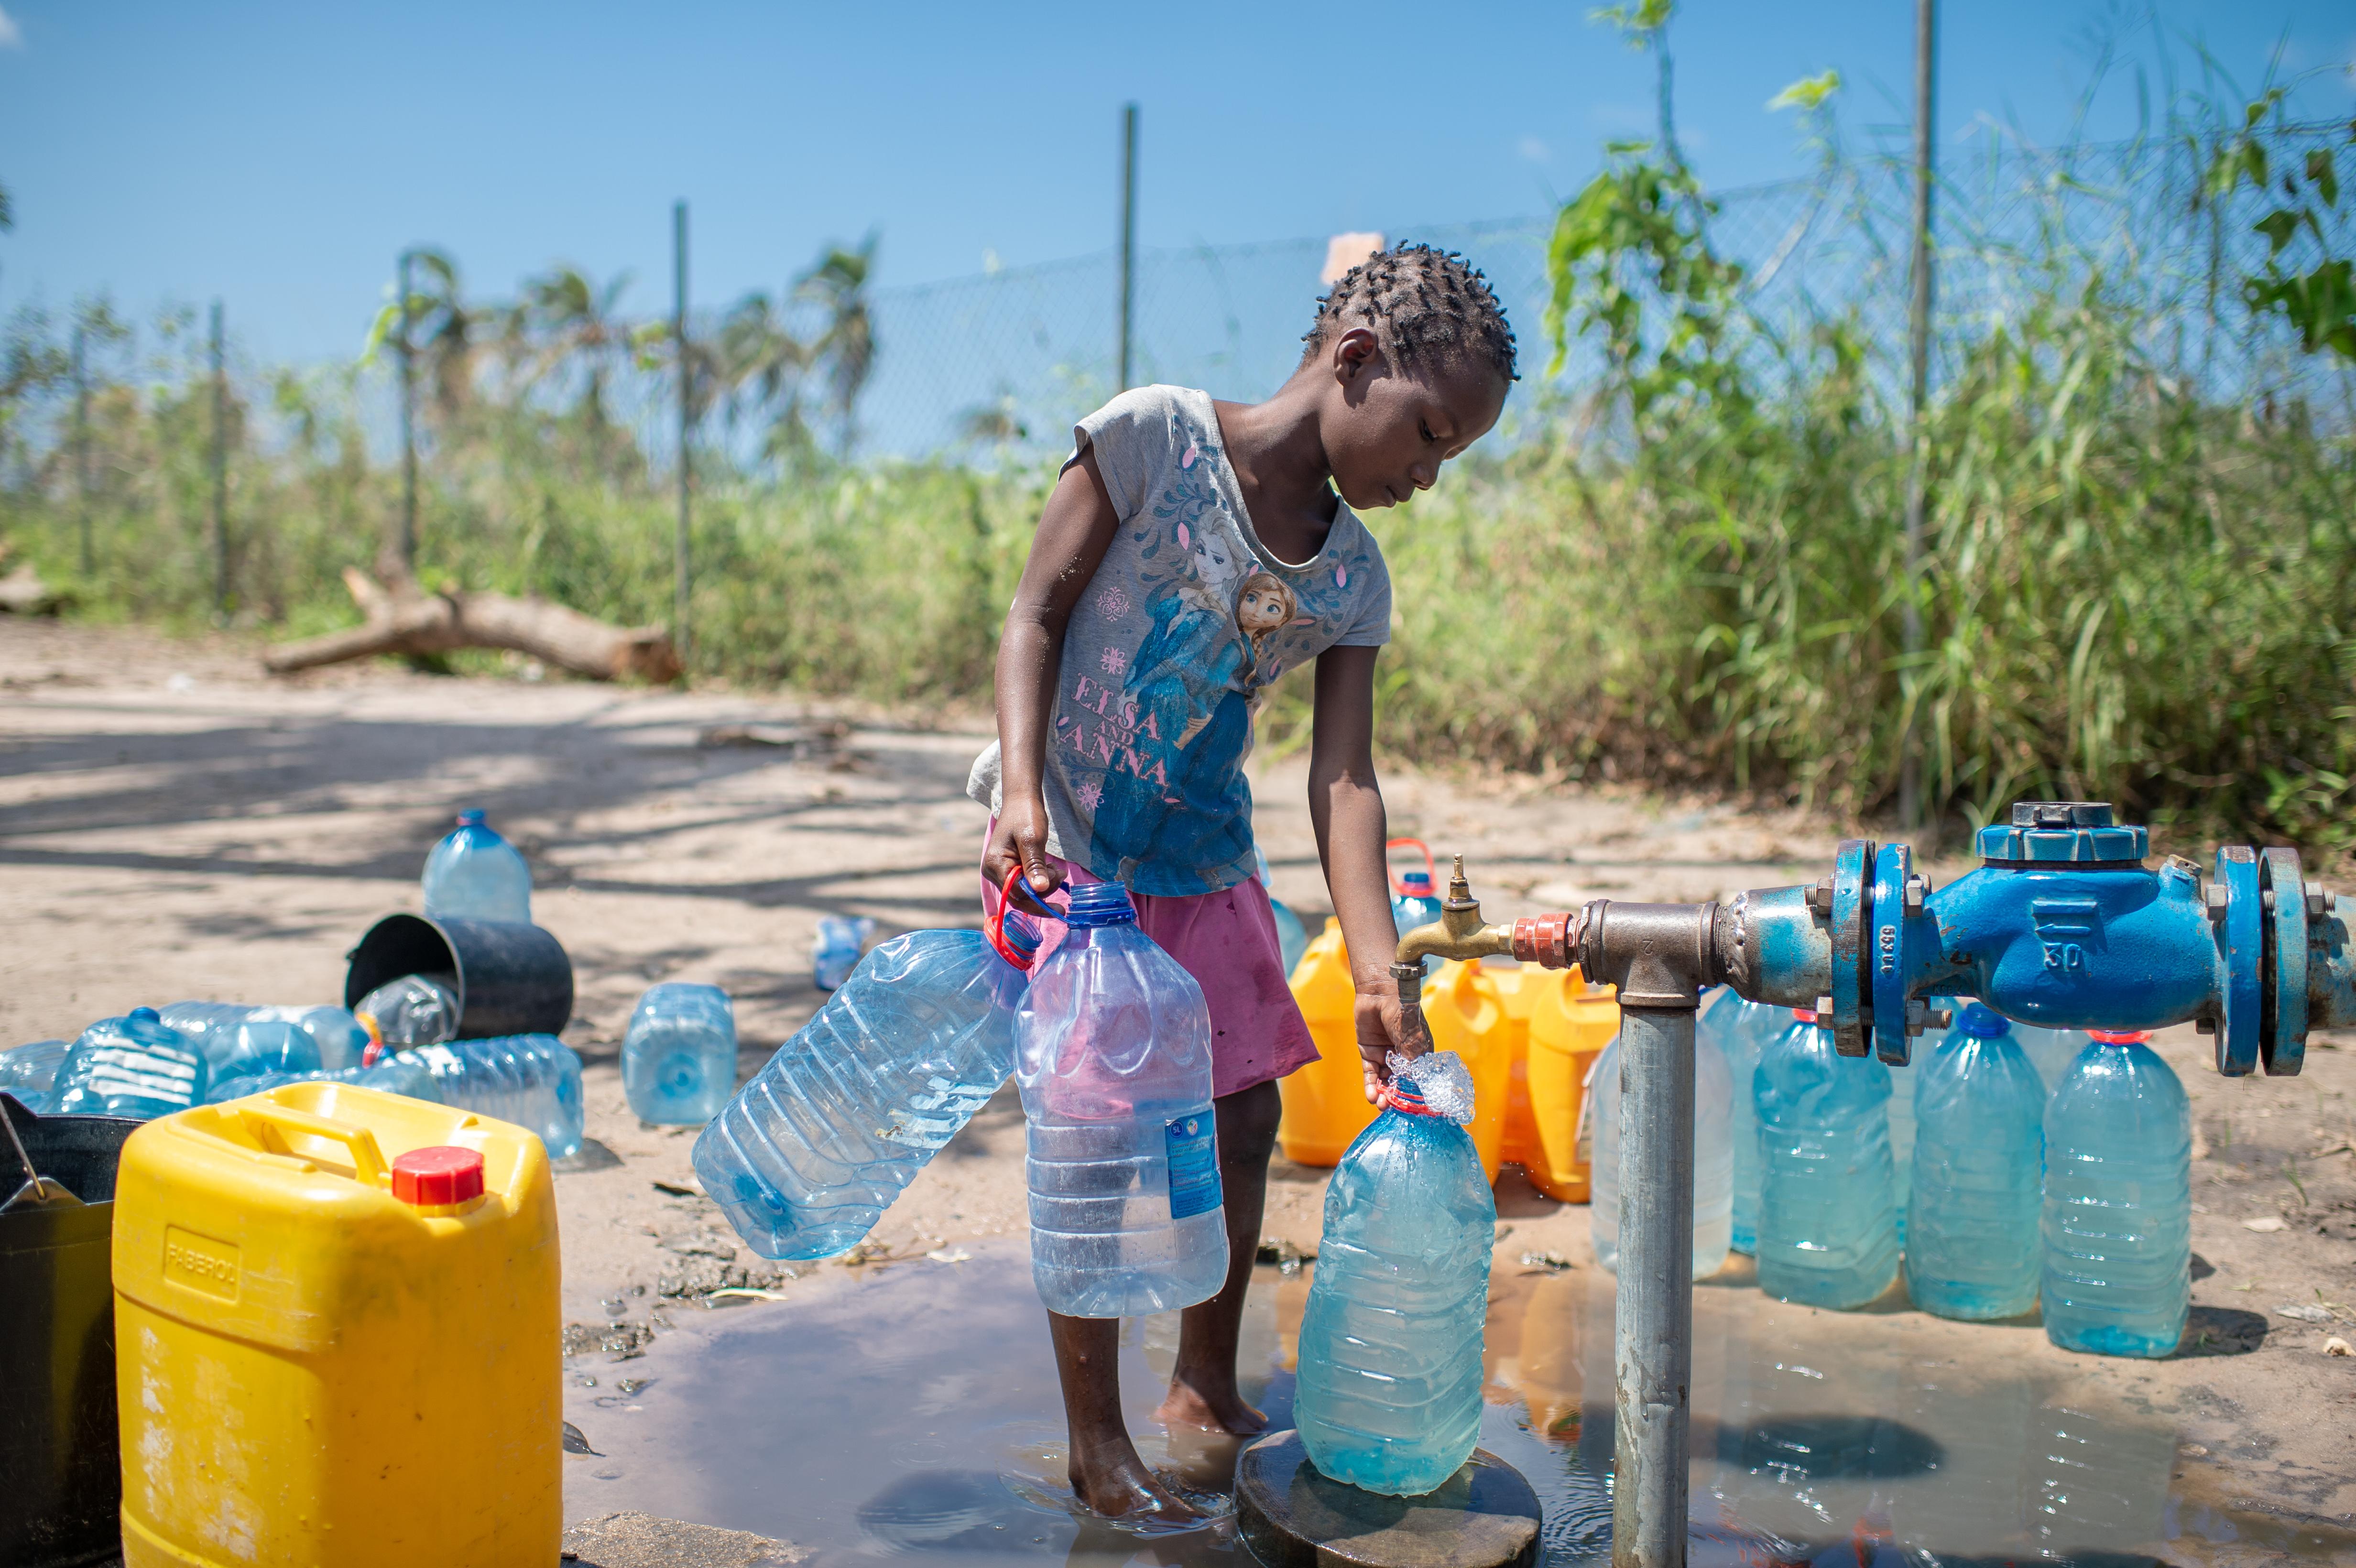 Weltumwelttag: Klimawandel bedroht 175 Millionen Kinder / Eine Frage von Leben und Tod